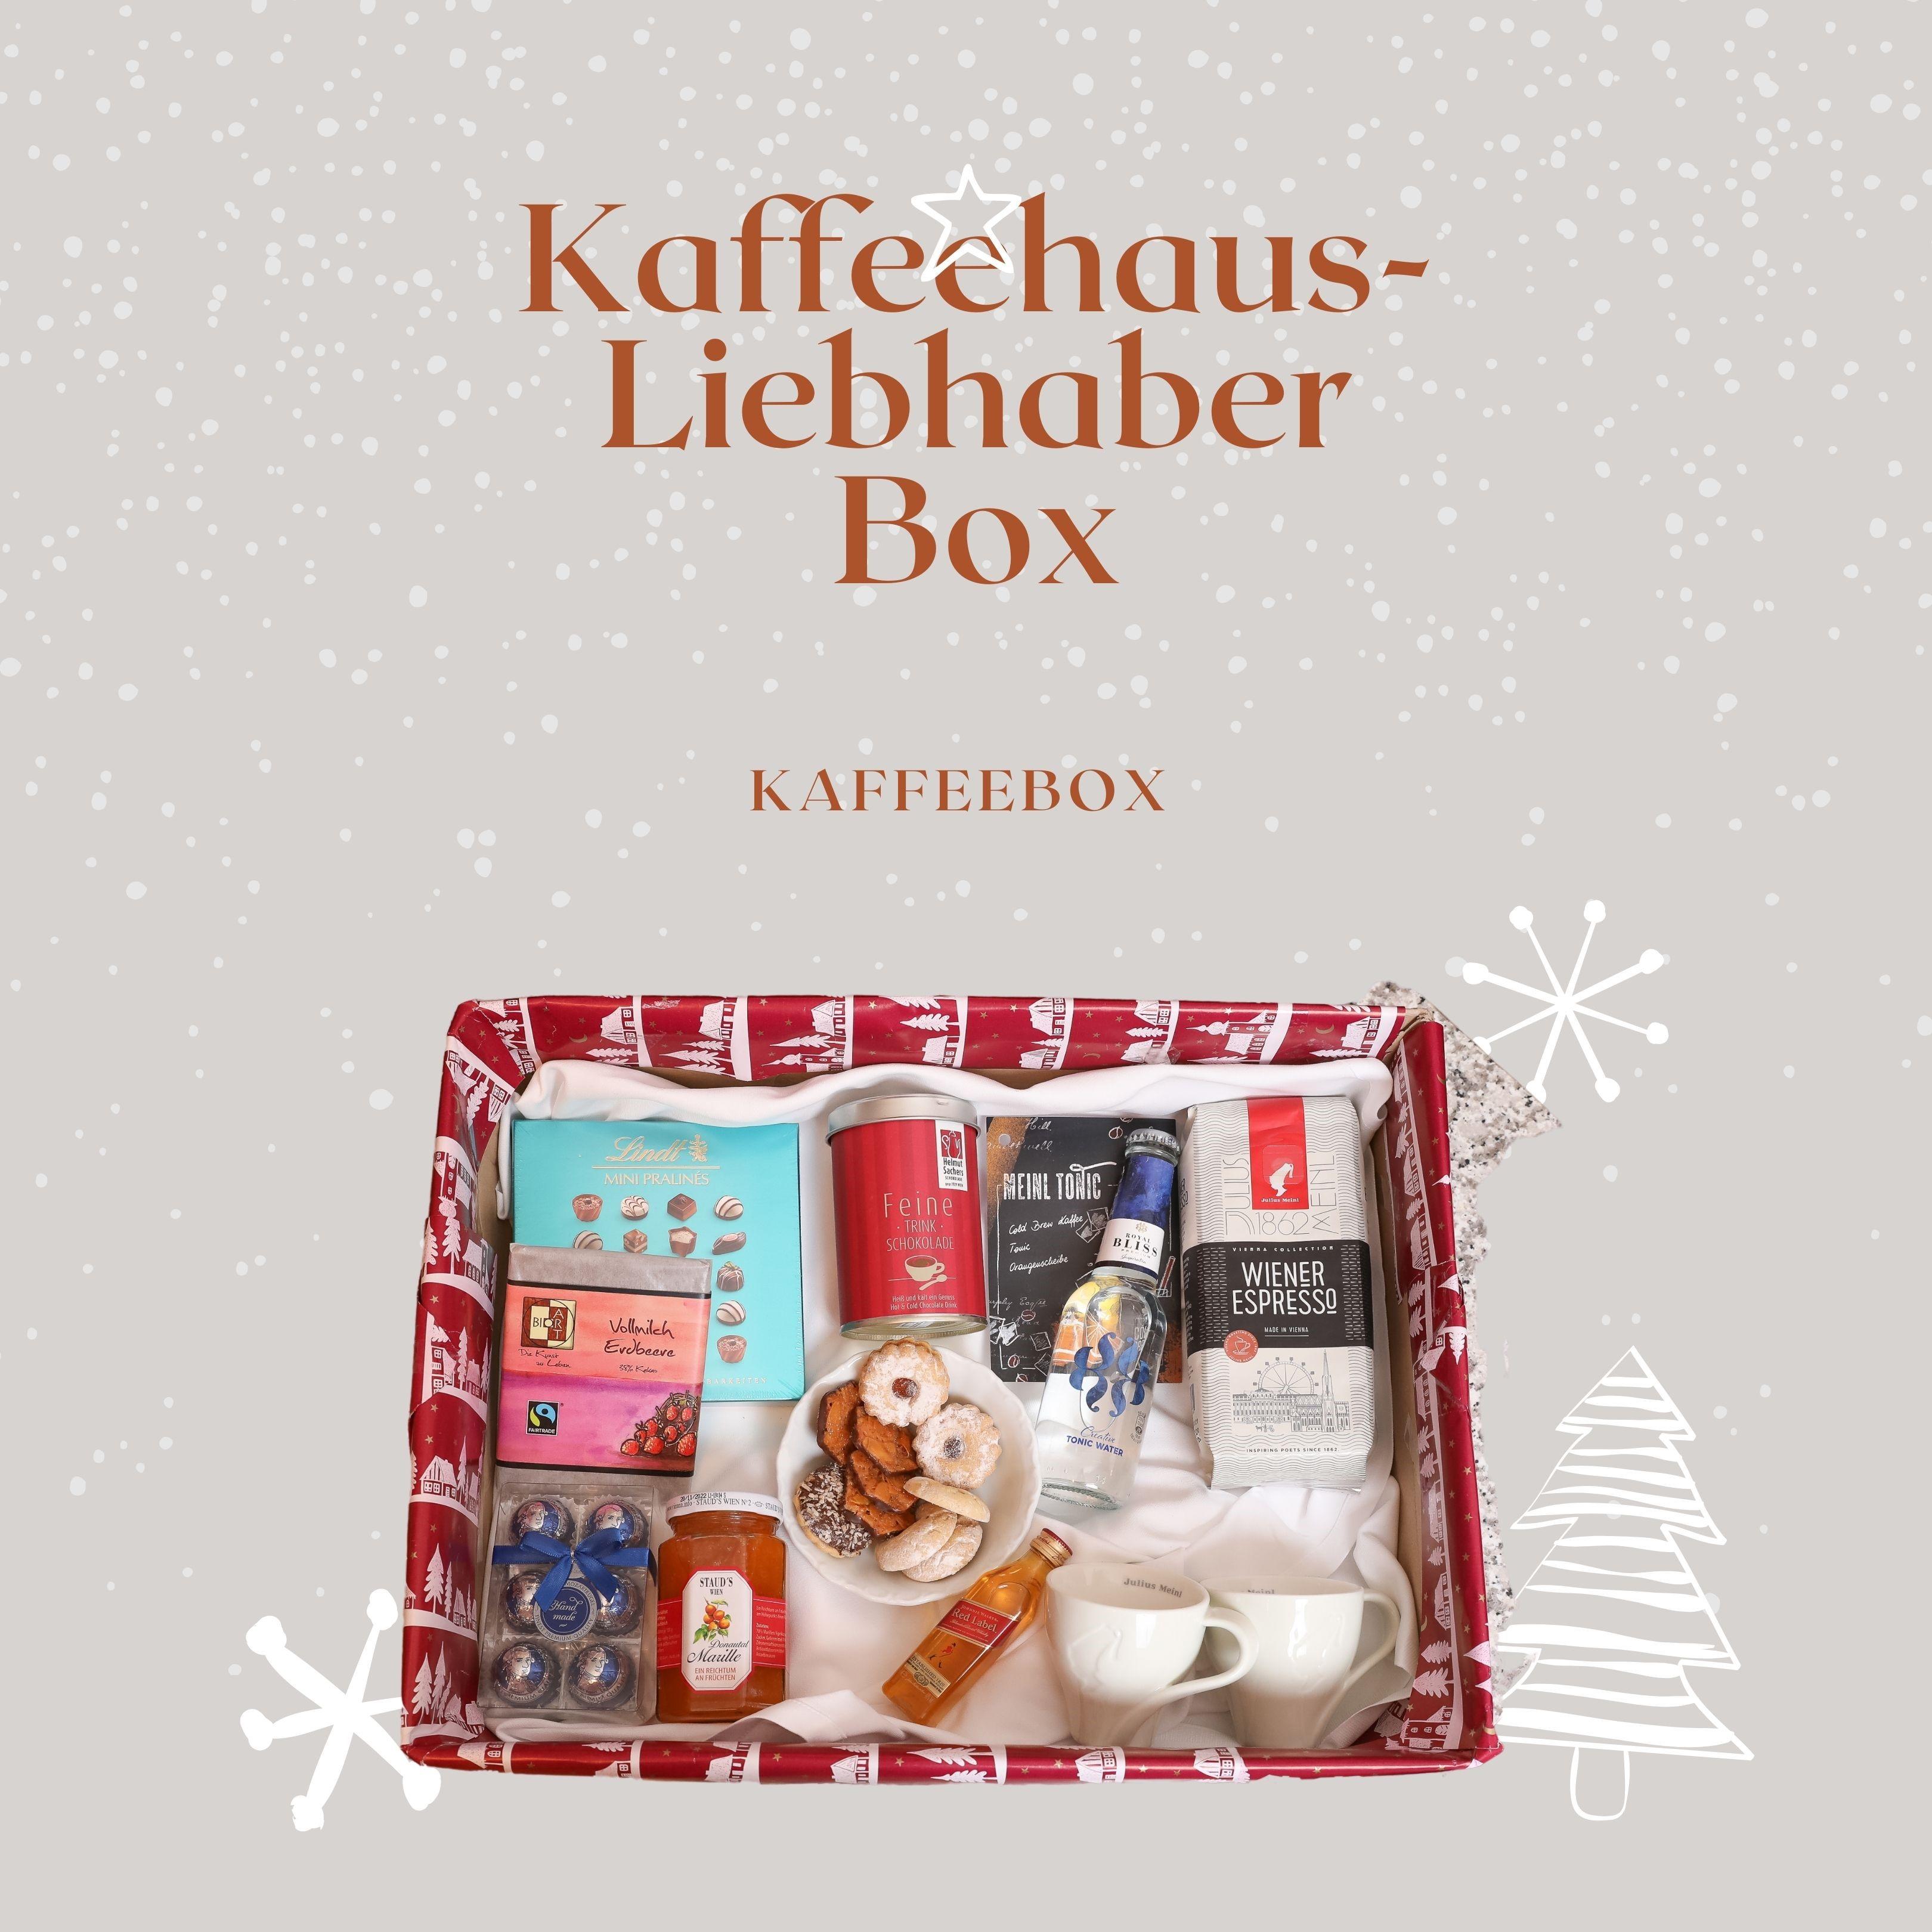 Kaffee-Box inkl. 30€-Gutschein